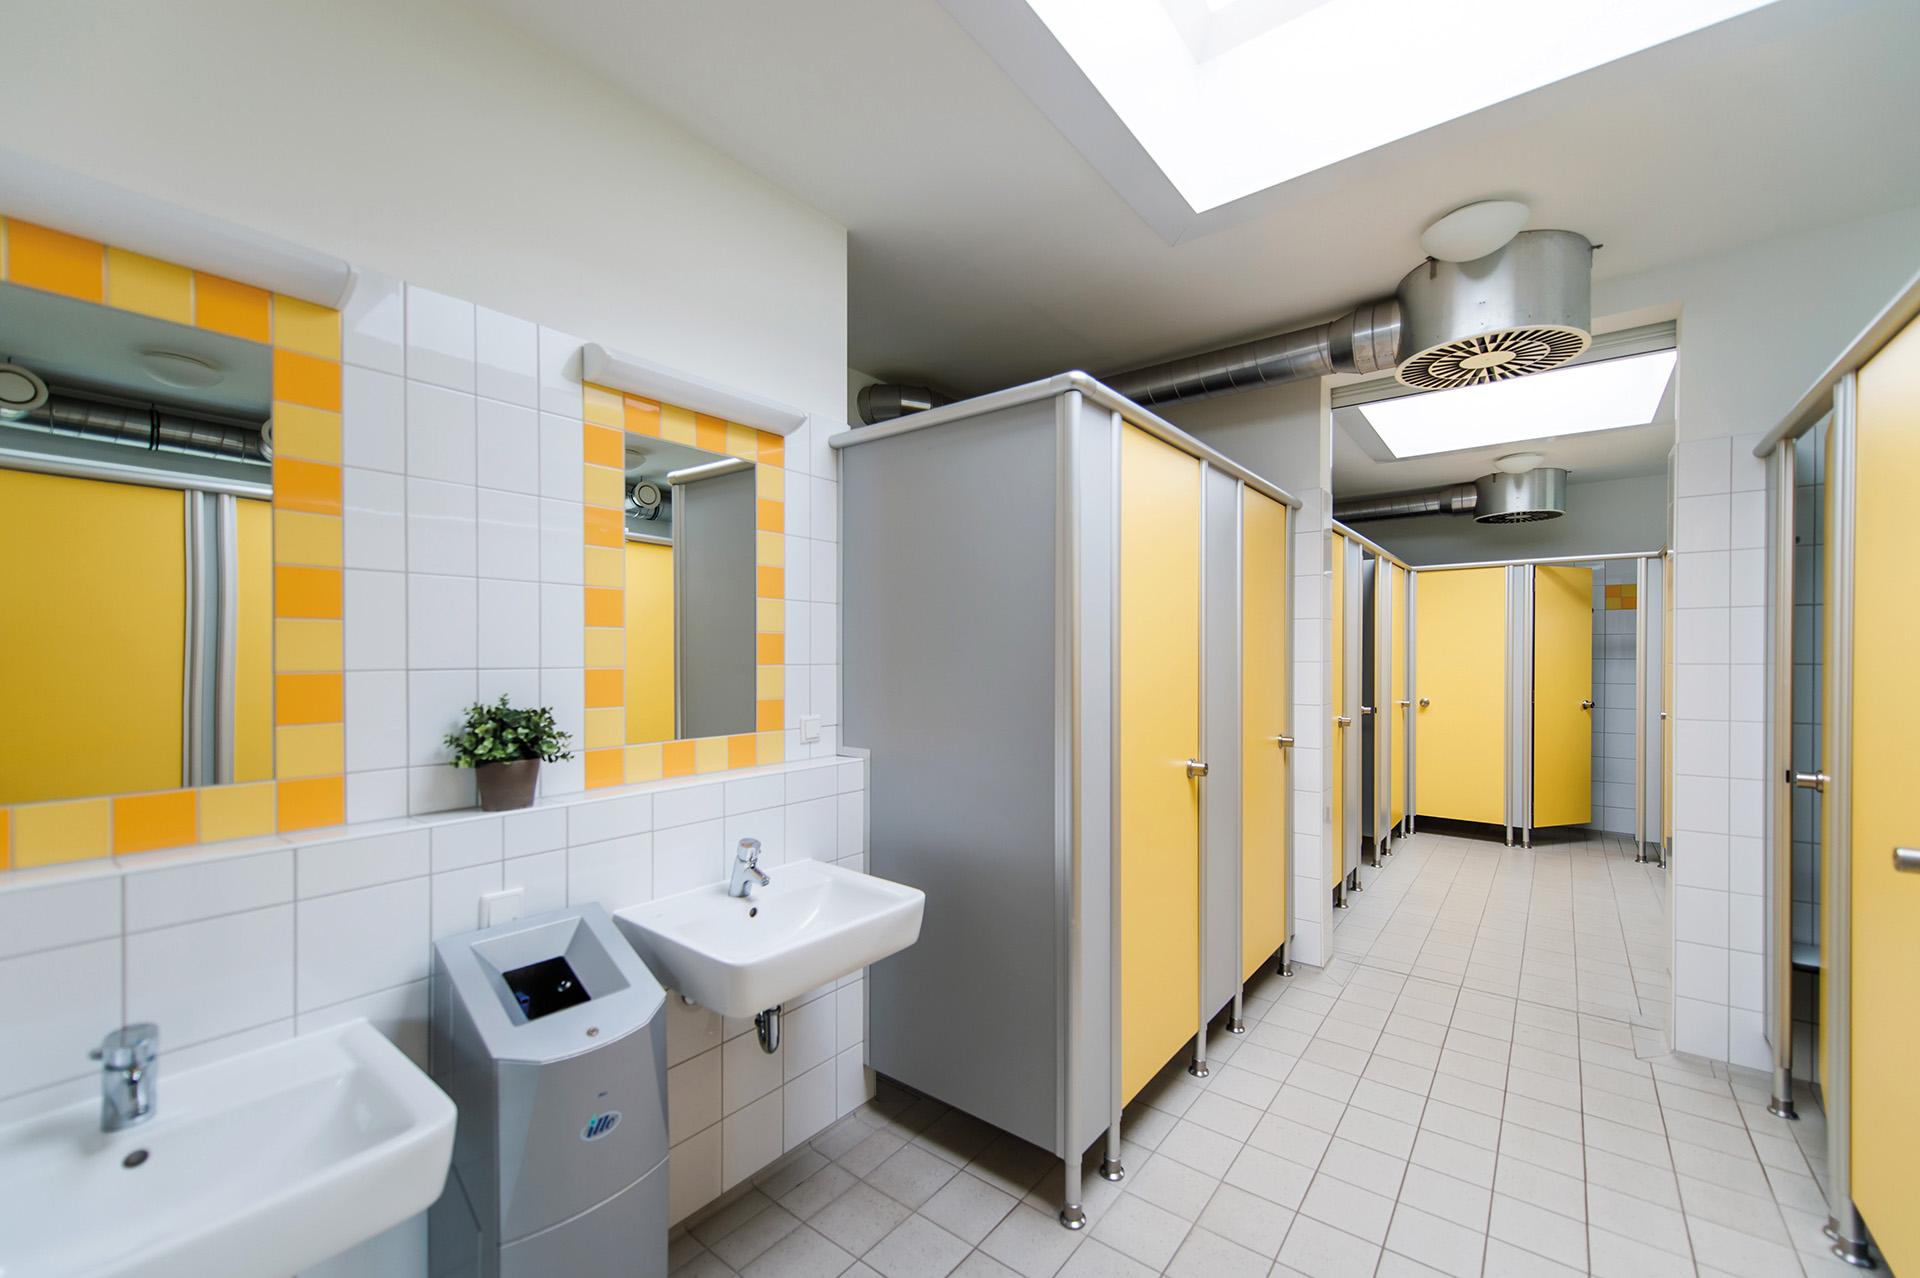 Sanitäranlagen, Duschhaus